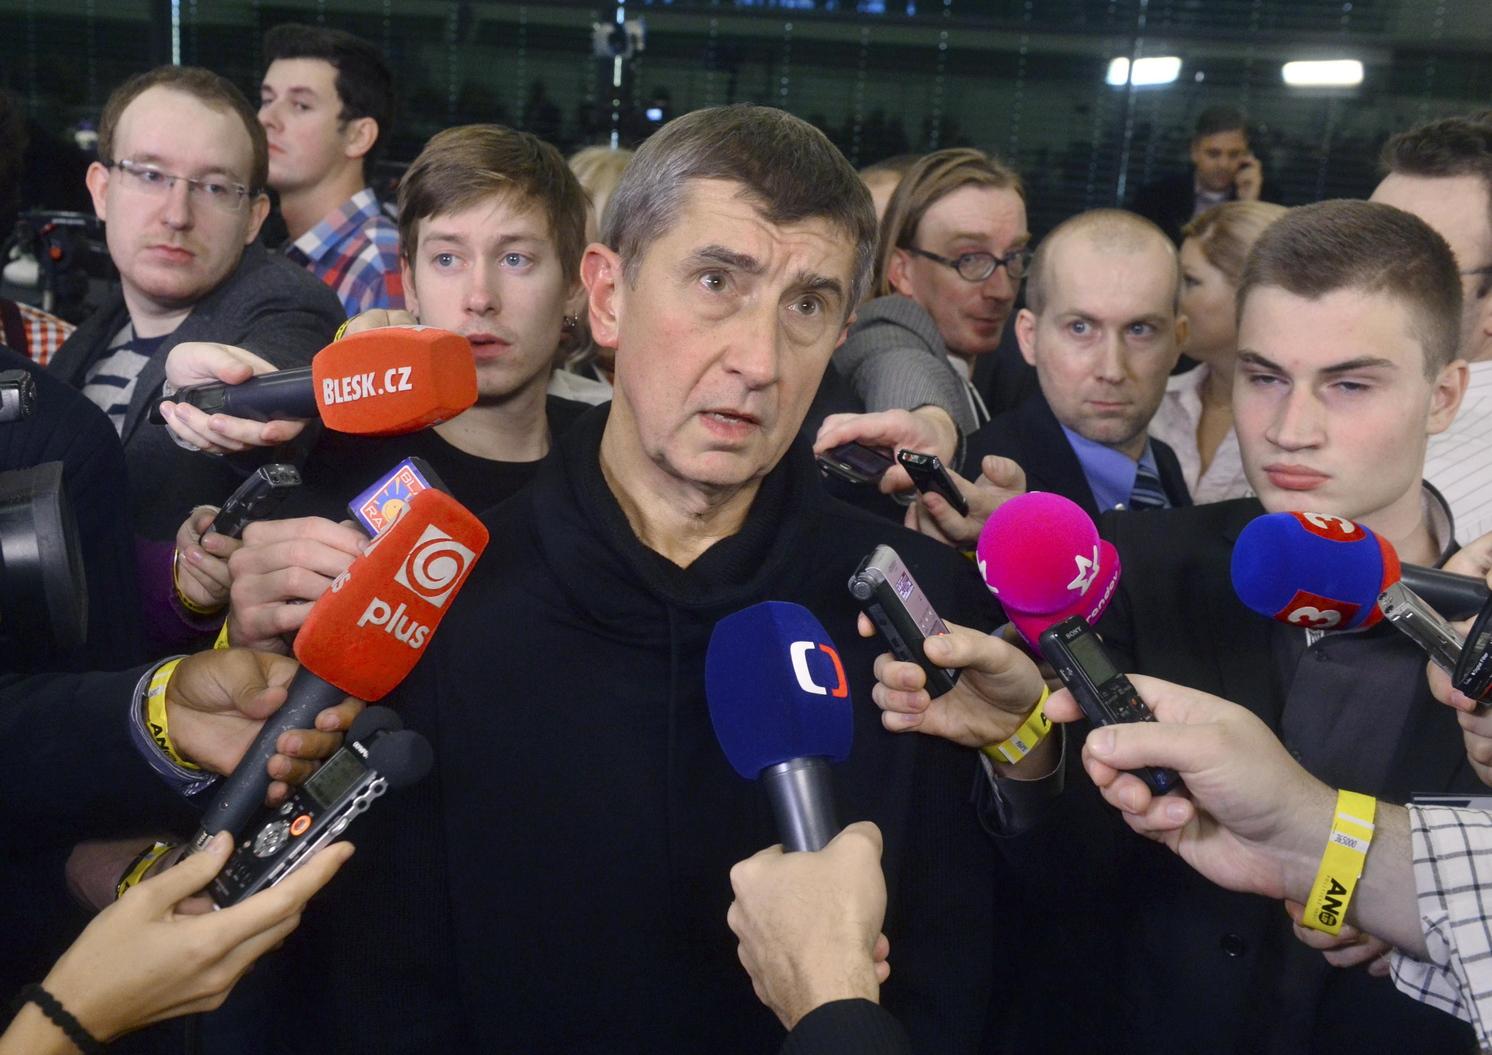 Andrej Babis milliárdos cseh üzletember, az IGEN (ANO) mozgalom alapítója a sajtónak nyilatkozik, miután pártja a szavazatok 18,66 százalékának az elnyerésével a második helyen végzett az előre hozott parlamenti választásokon Prágában 2013. október 26-án. (MTI/EPA)